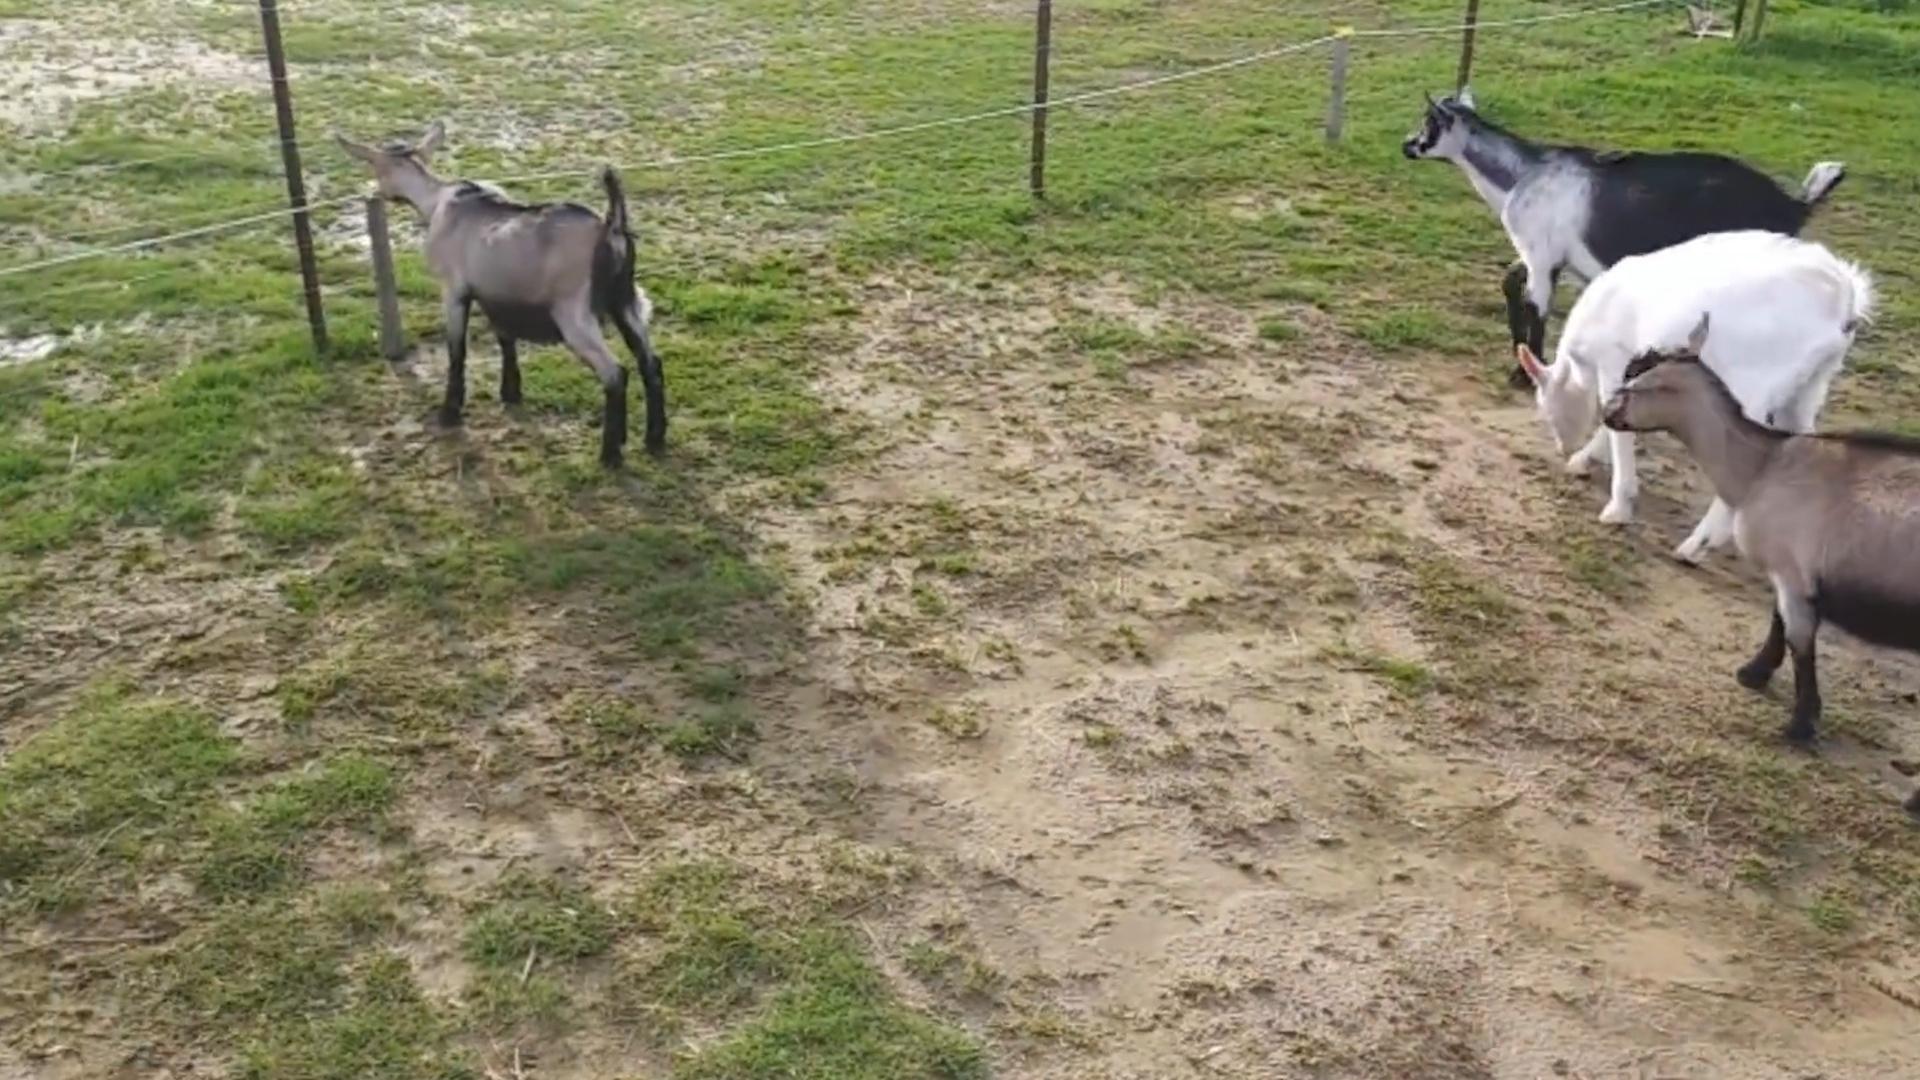 羊圈刚打开,一只绵羊就迫不及待冲了出去,下一秒请忍住不要笑